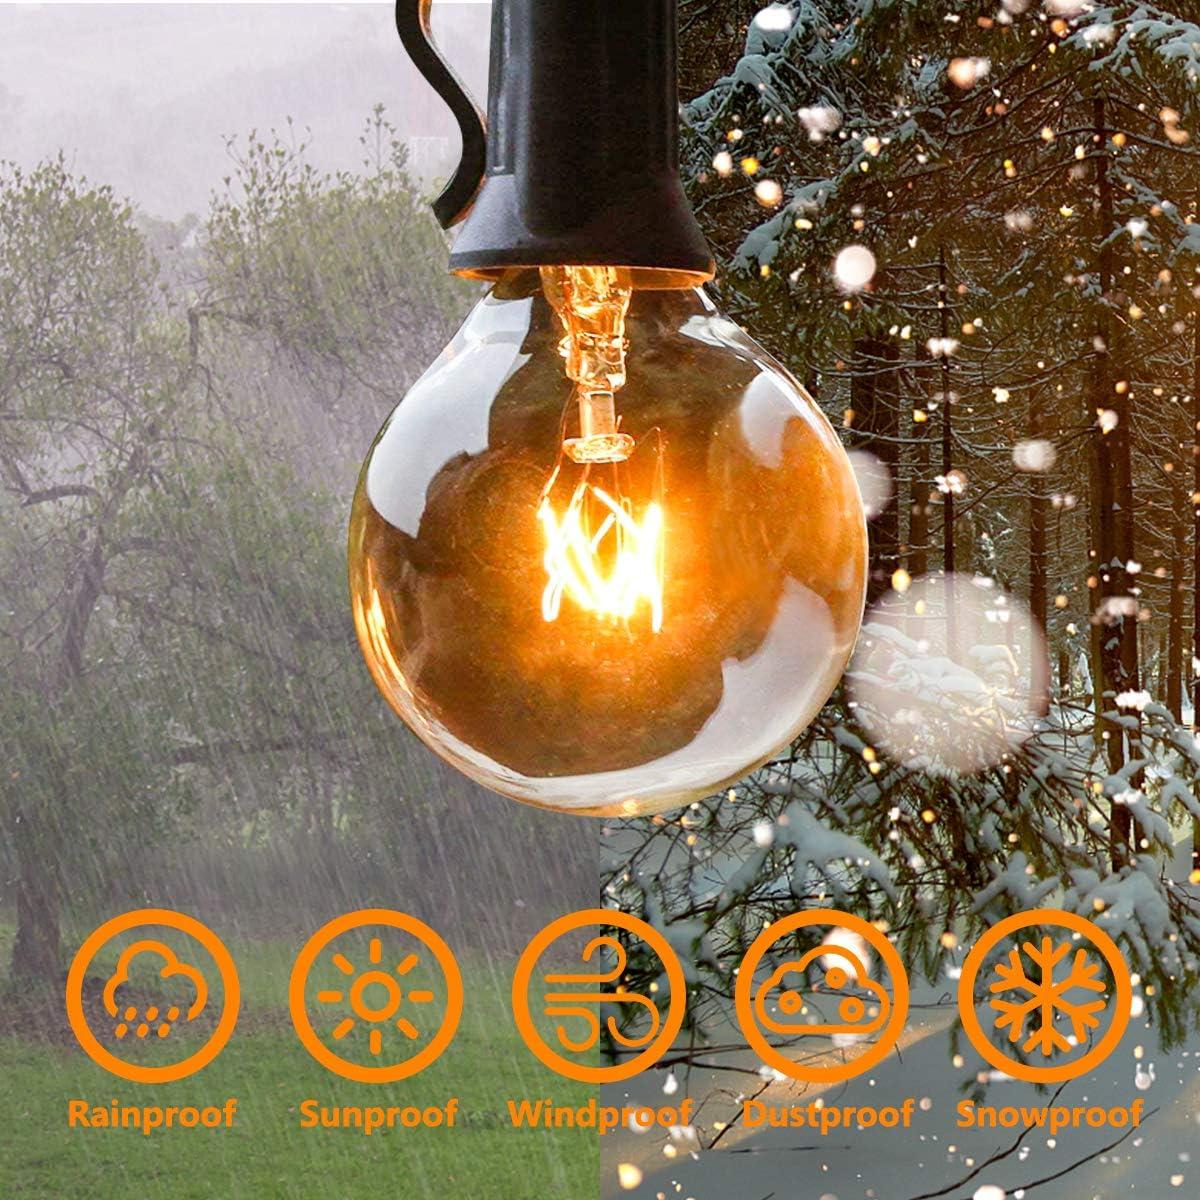 Cadena Luces Decoracion para Habitaci/ón Bodas Balc/ón Guirnalda Luces Exterior Jard/ín Terraza C/ésped QXMCOV 9.5M Guirnaldas Luminosas de Exterior y Interior 25 G40 con 3 Bombillas de Repuesto